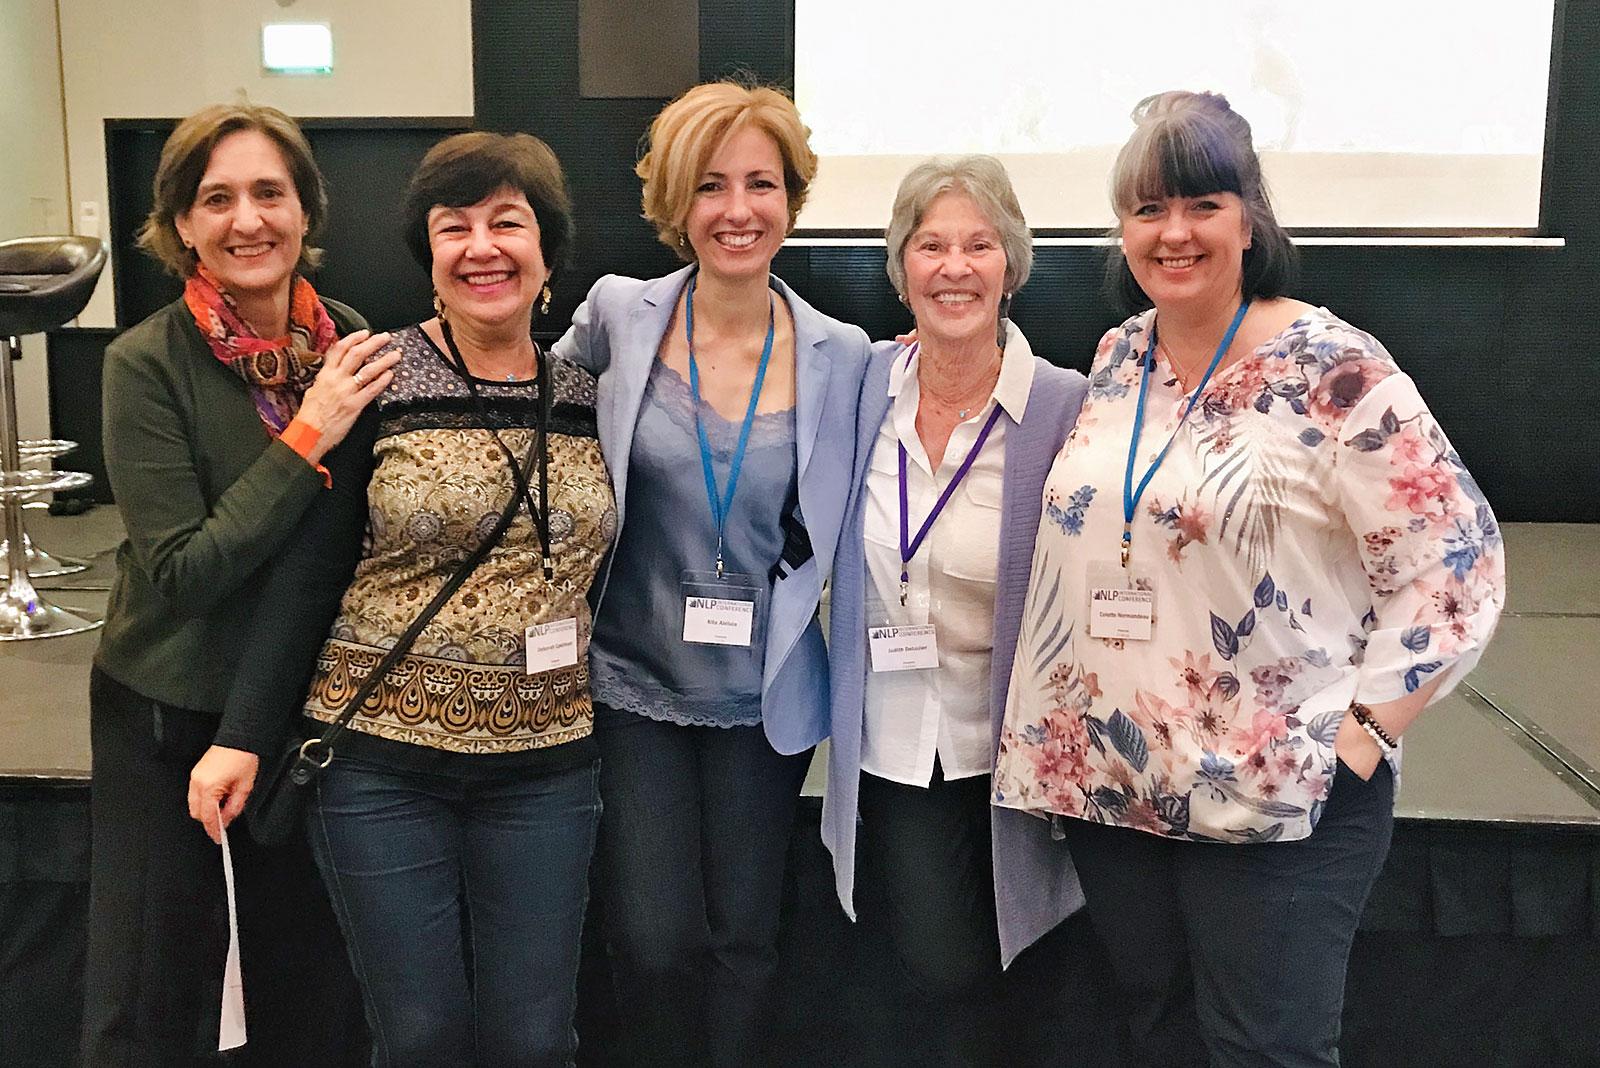 Deborah Epelman com Rita Aleluia, Judith DeLozier e outros.